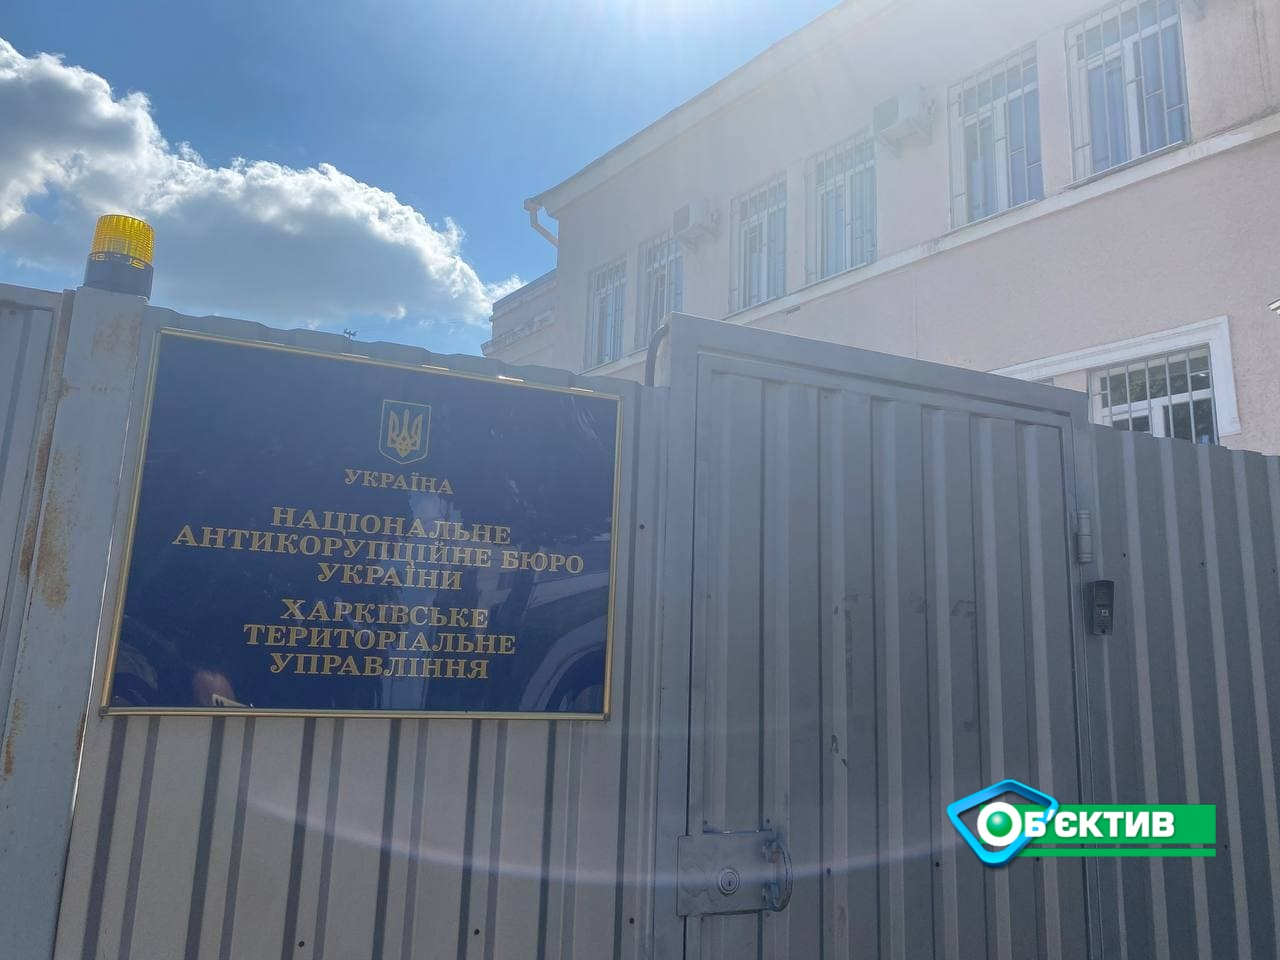 Разбитые телефоны и залог в 4 млн грн: что рассказали в НАБУ про дело Товмасяна